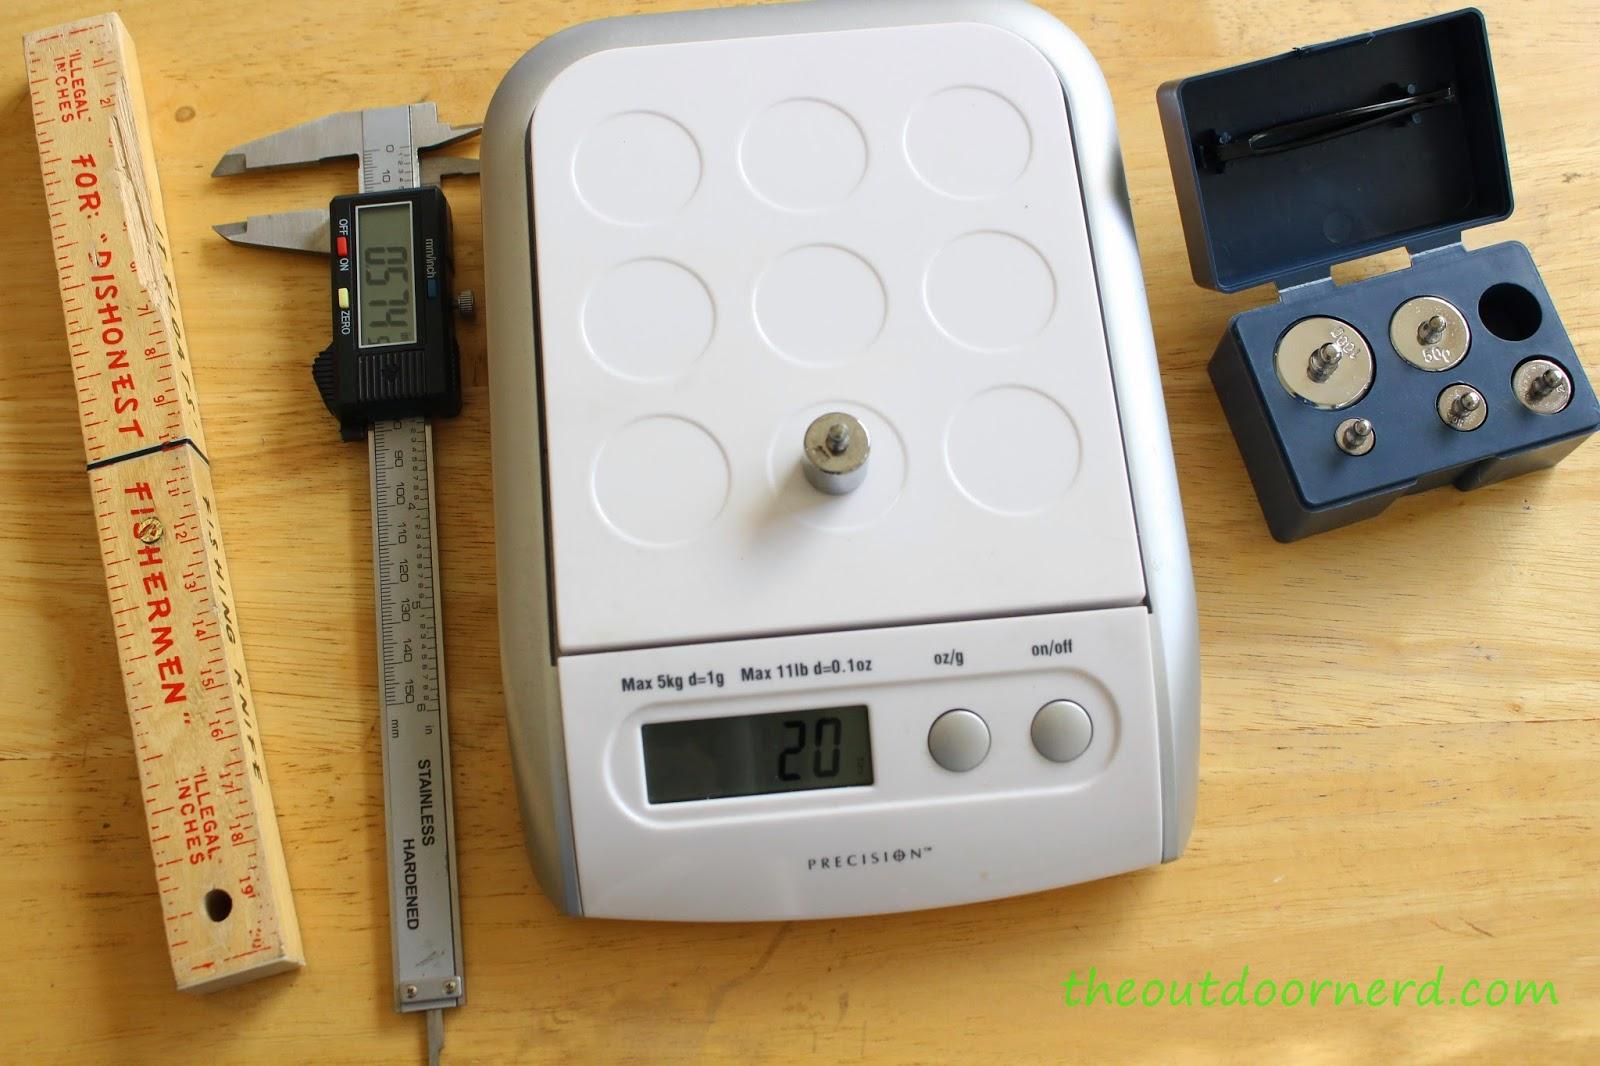 The Outdoor Nerd Measurement Tools